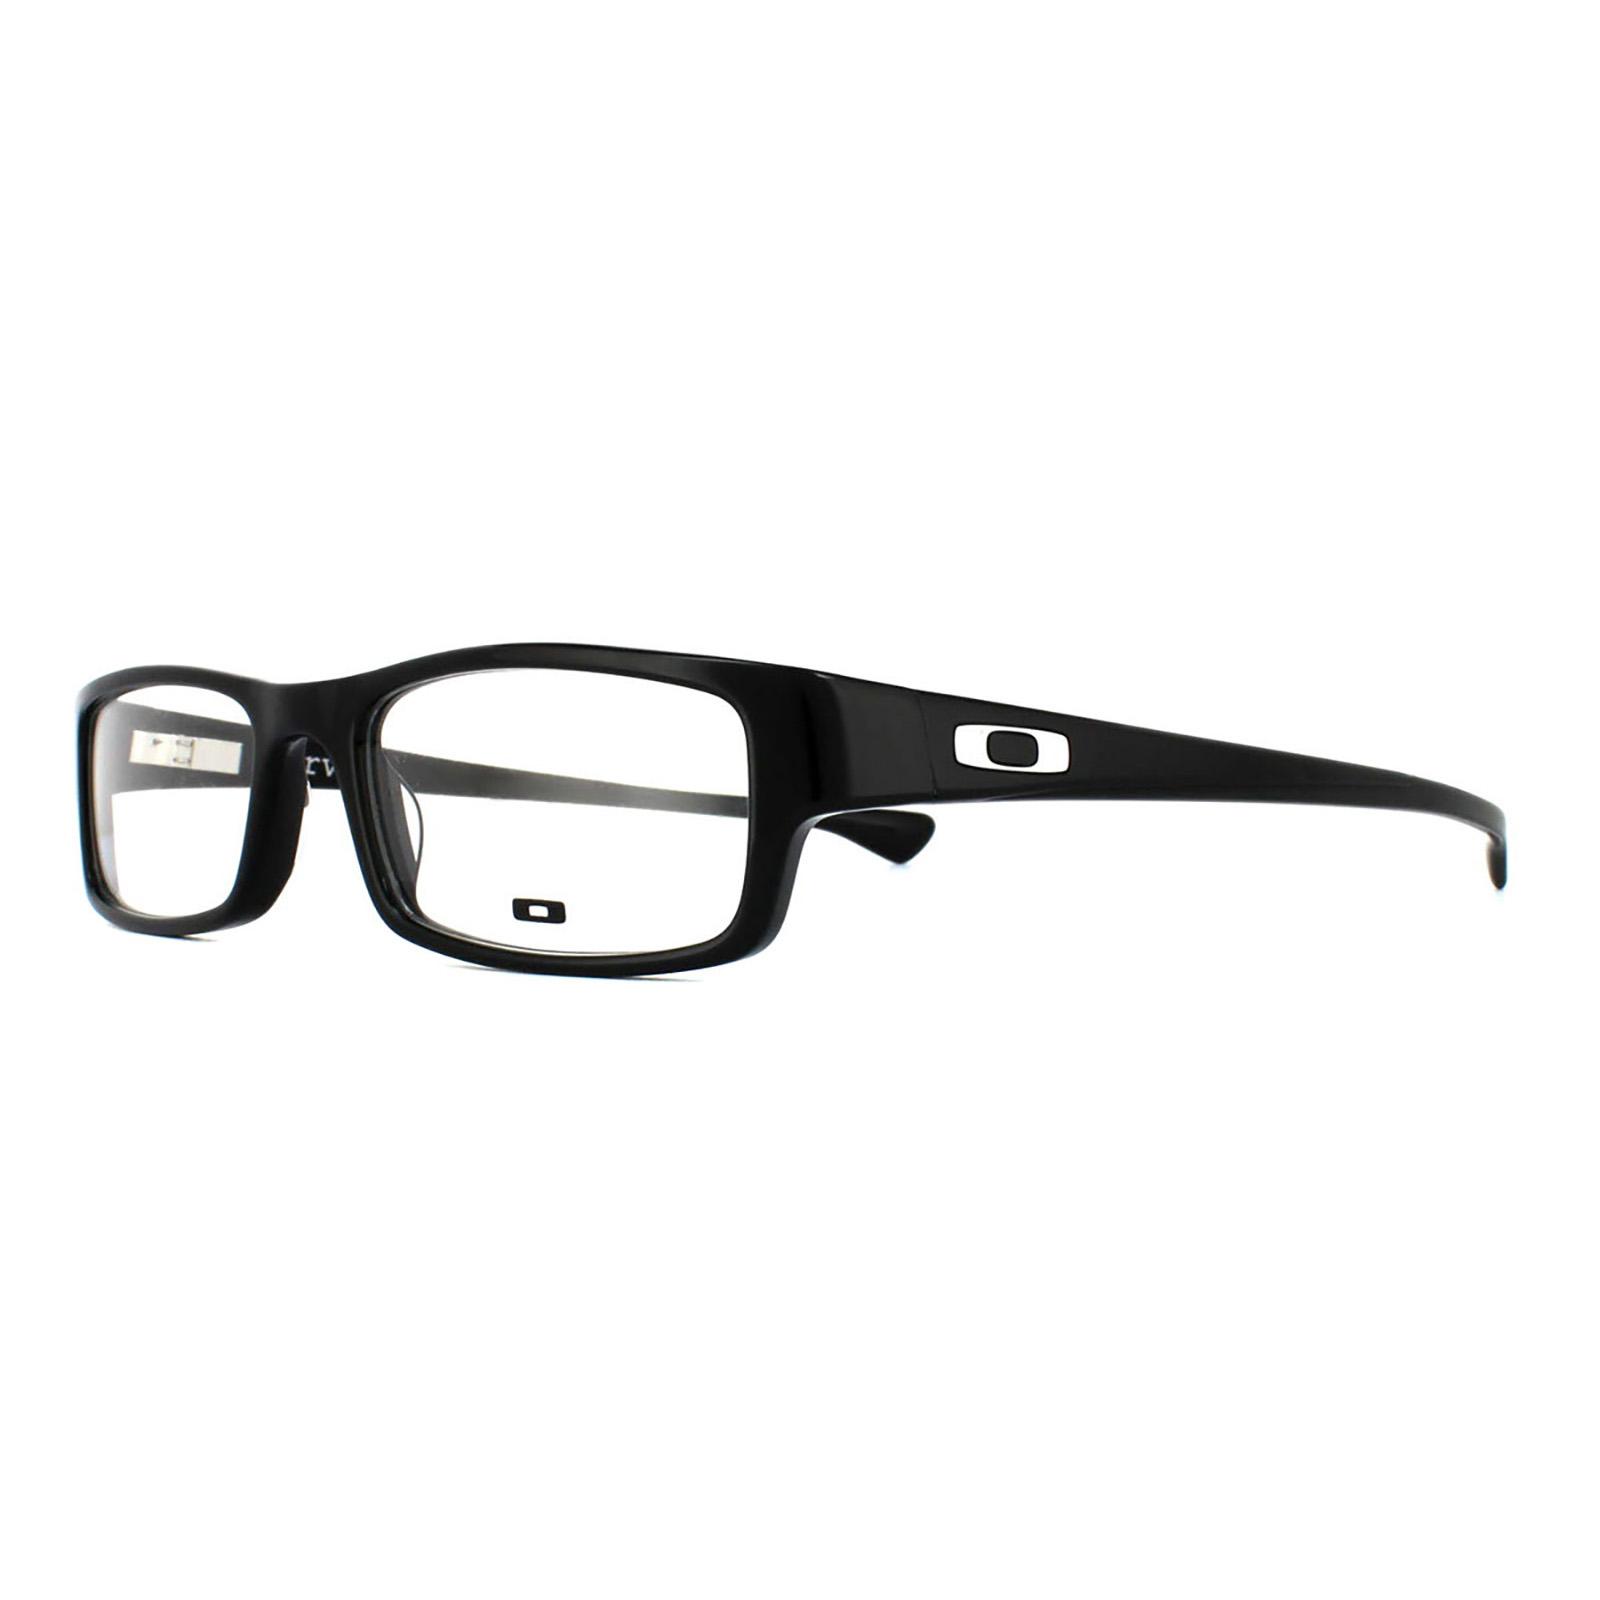 39c2a74d2d Cheap Oakley Servo OX1066 Frames - Discounted Sunglasses